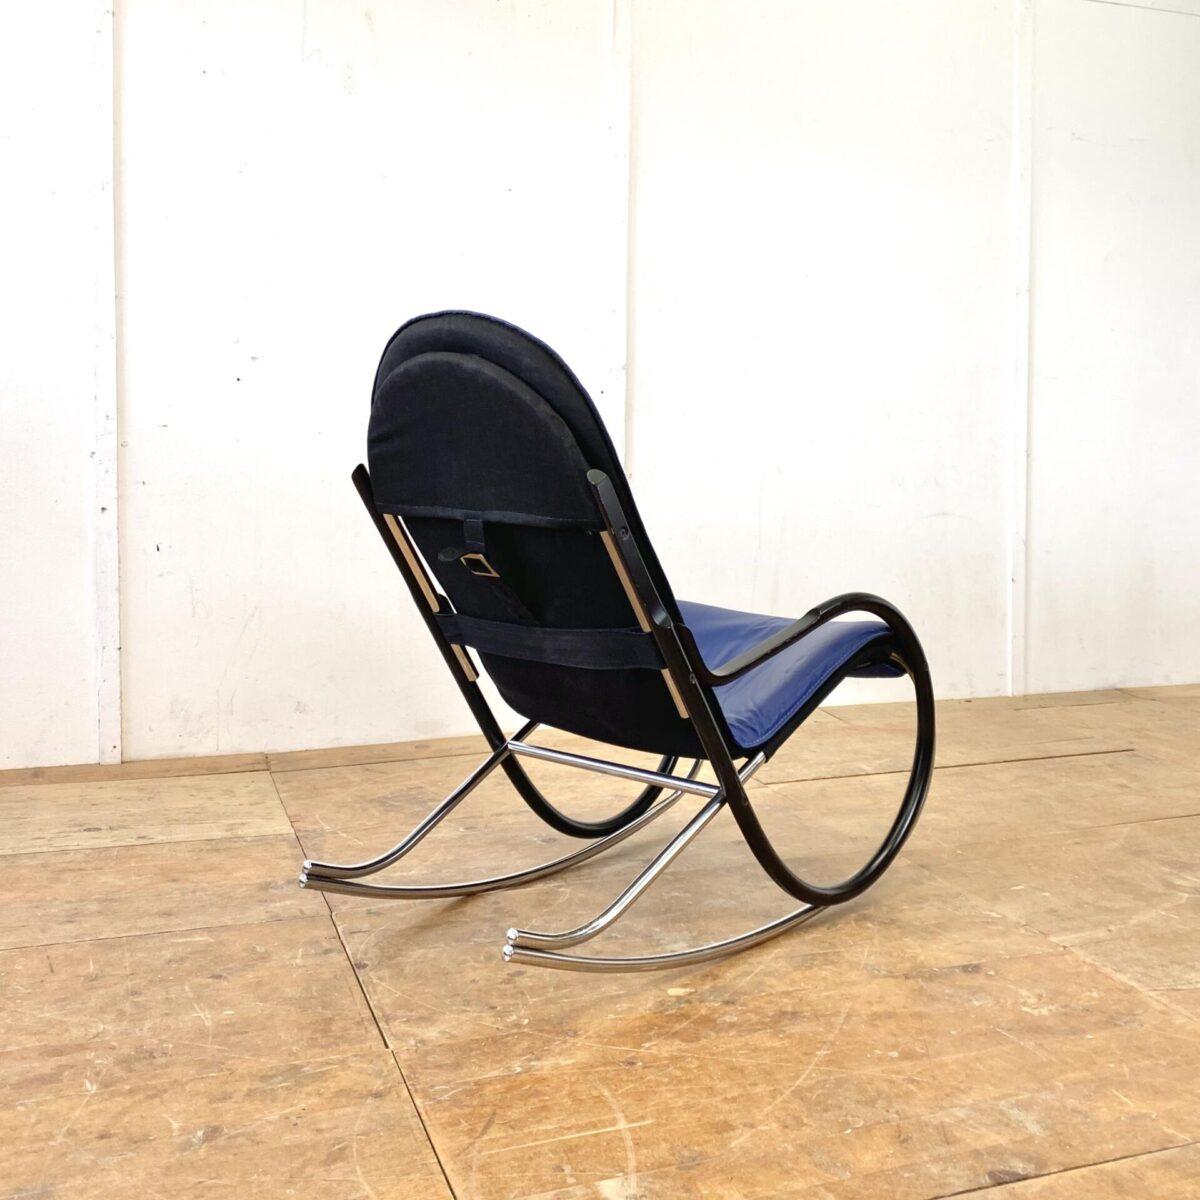 Deuxieme.shop midcentury Rocking Chair. Schweizer Schaukelstuhl von Paul Tuttle für Strässle 70er Jahre. Material blaues Leder, Buchenholz schwarz lackiert, und Metall verchromt. Ein paar altersbedingte Gebrauchsspuren, der Lack auf den Armlehnen hat ein paar kleinere Schrammen. Technisch in einwandfreiem Stabilen Zustand. Sitzhöhe 42cm, Breite 56cm, Tiefe 98cm, Gesamthöhe 94cm.